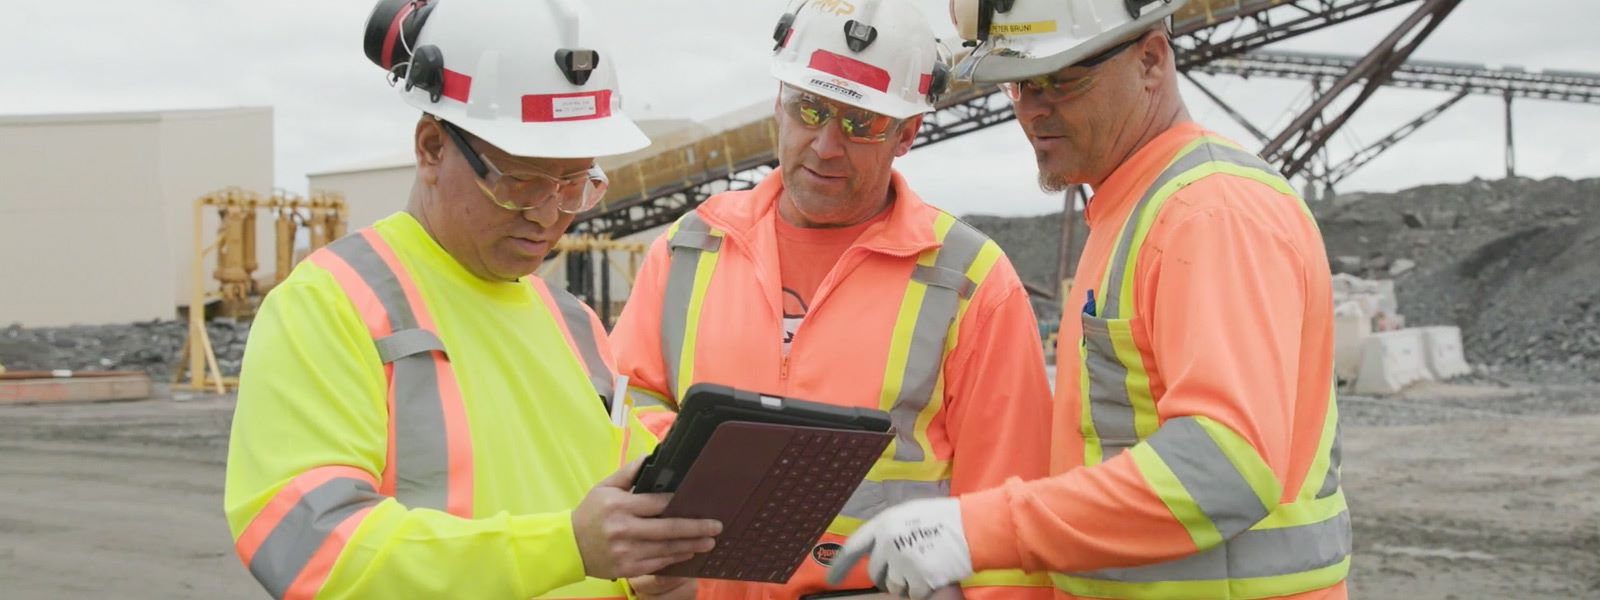 Drei Arbeiter, die am Arbeitsplatz auf ein Surface Go sehen